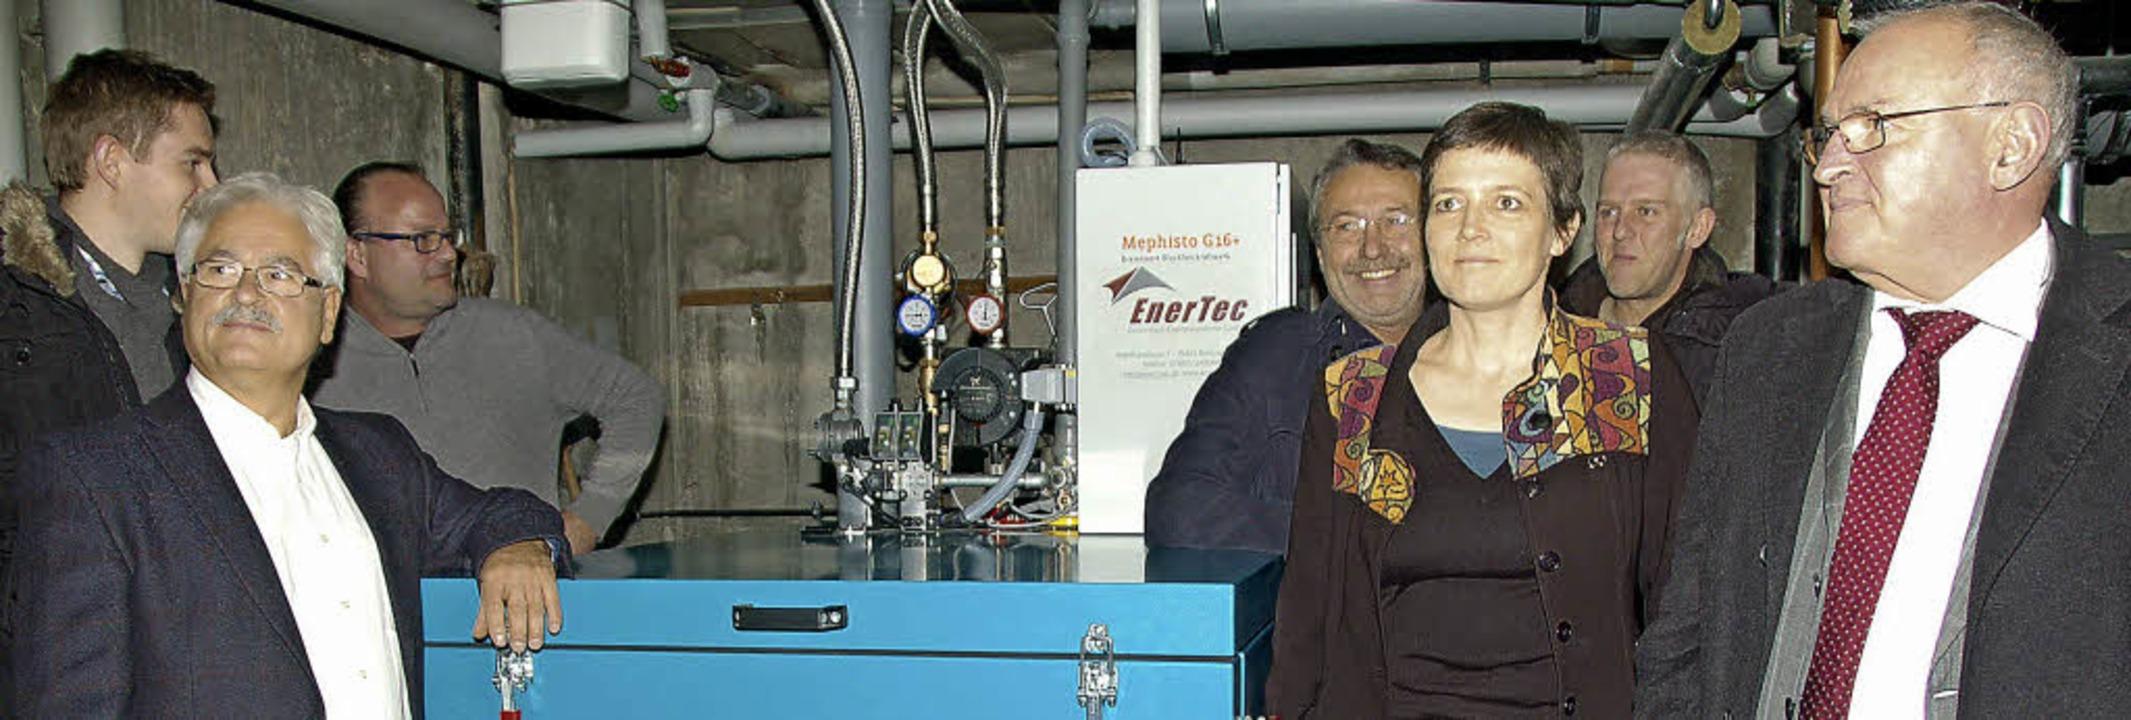 Strom aus dem Keller / Erstes Wohngebä...delfingen mit stromerzeugender Heizung  | Foto: Andrea Steinhart